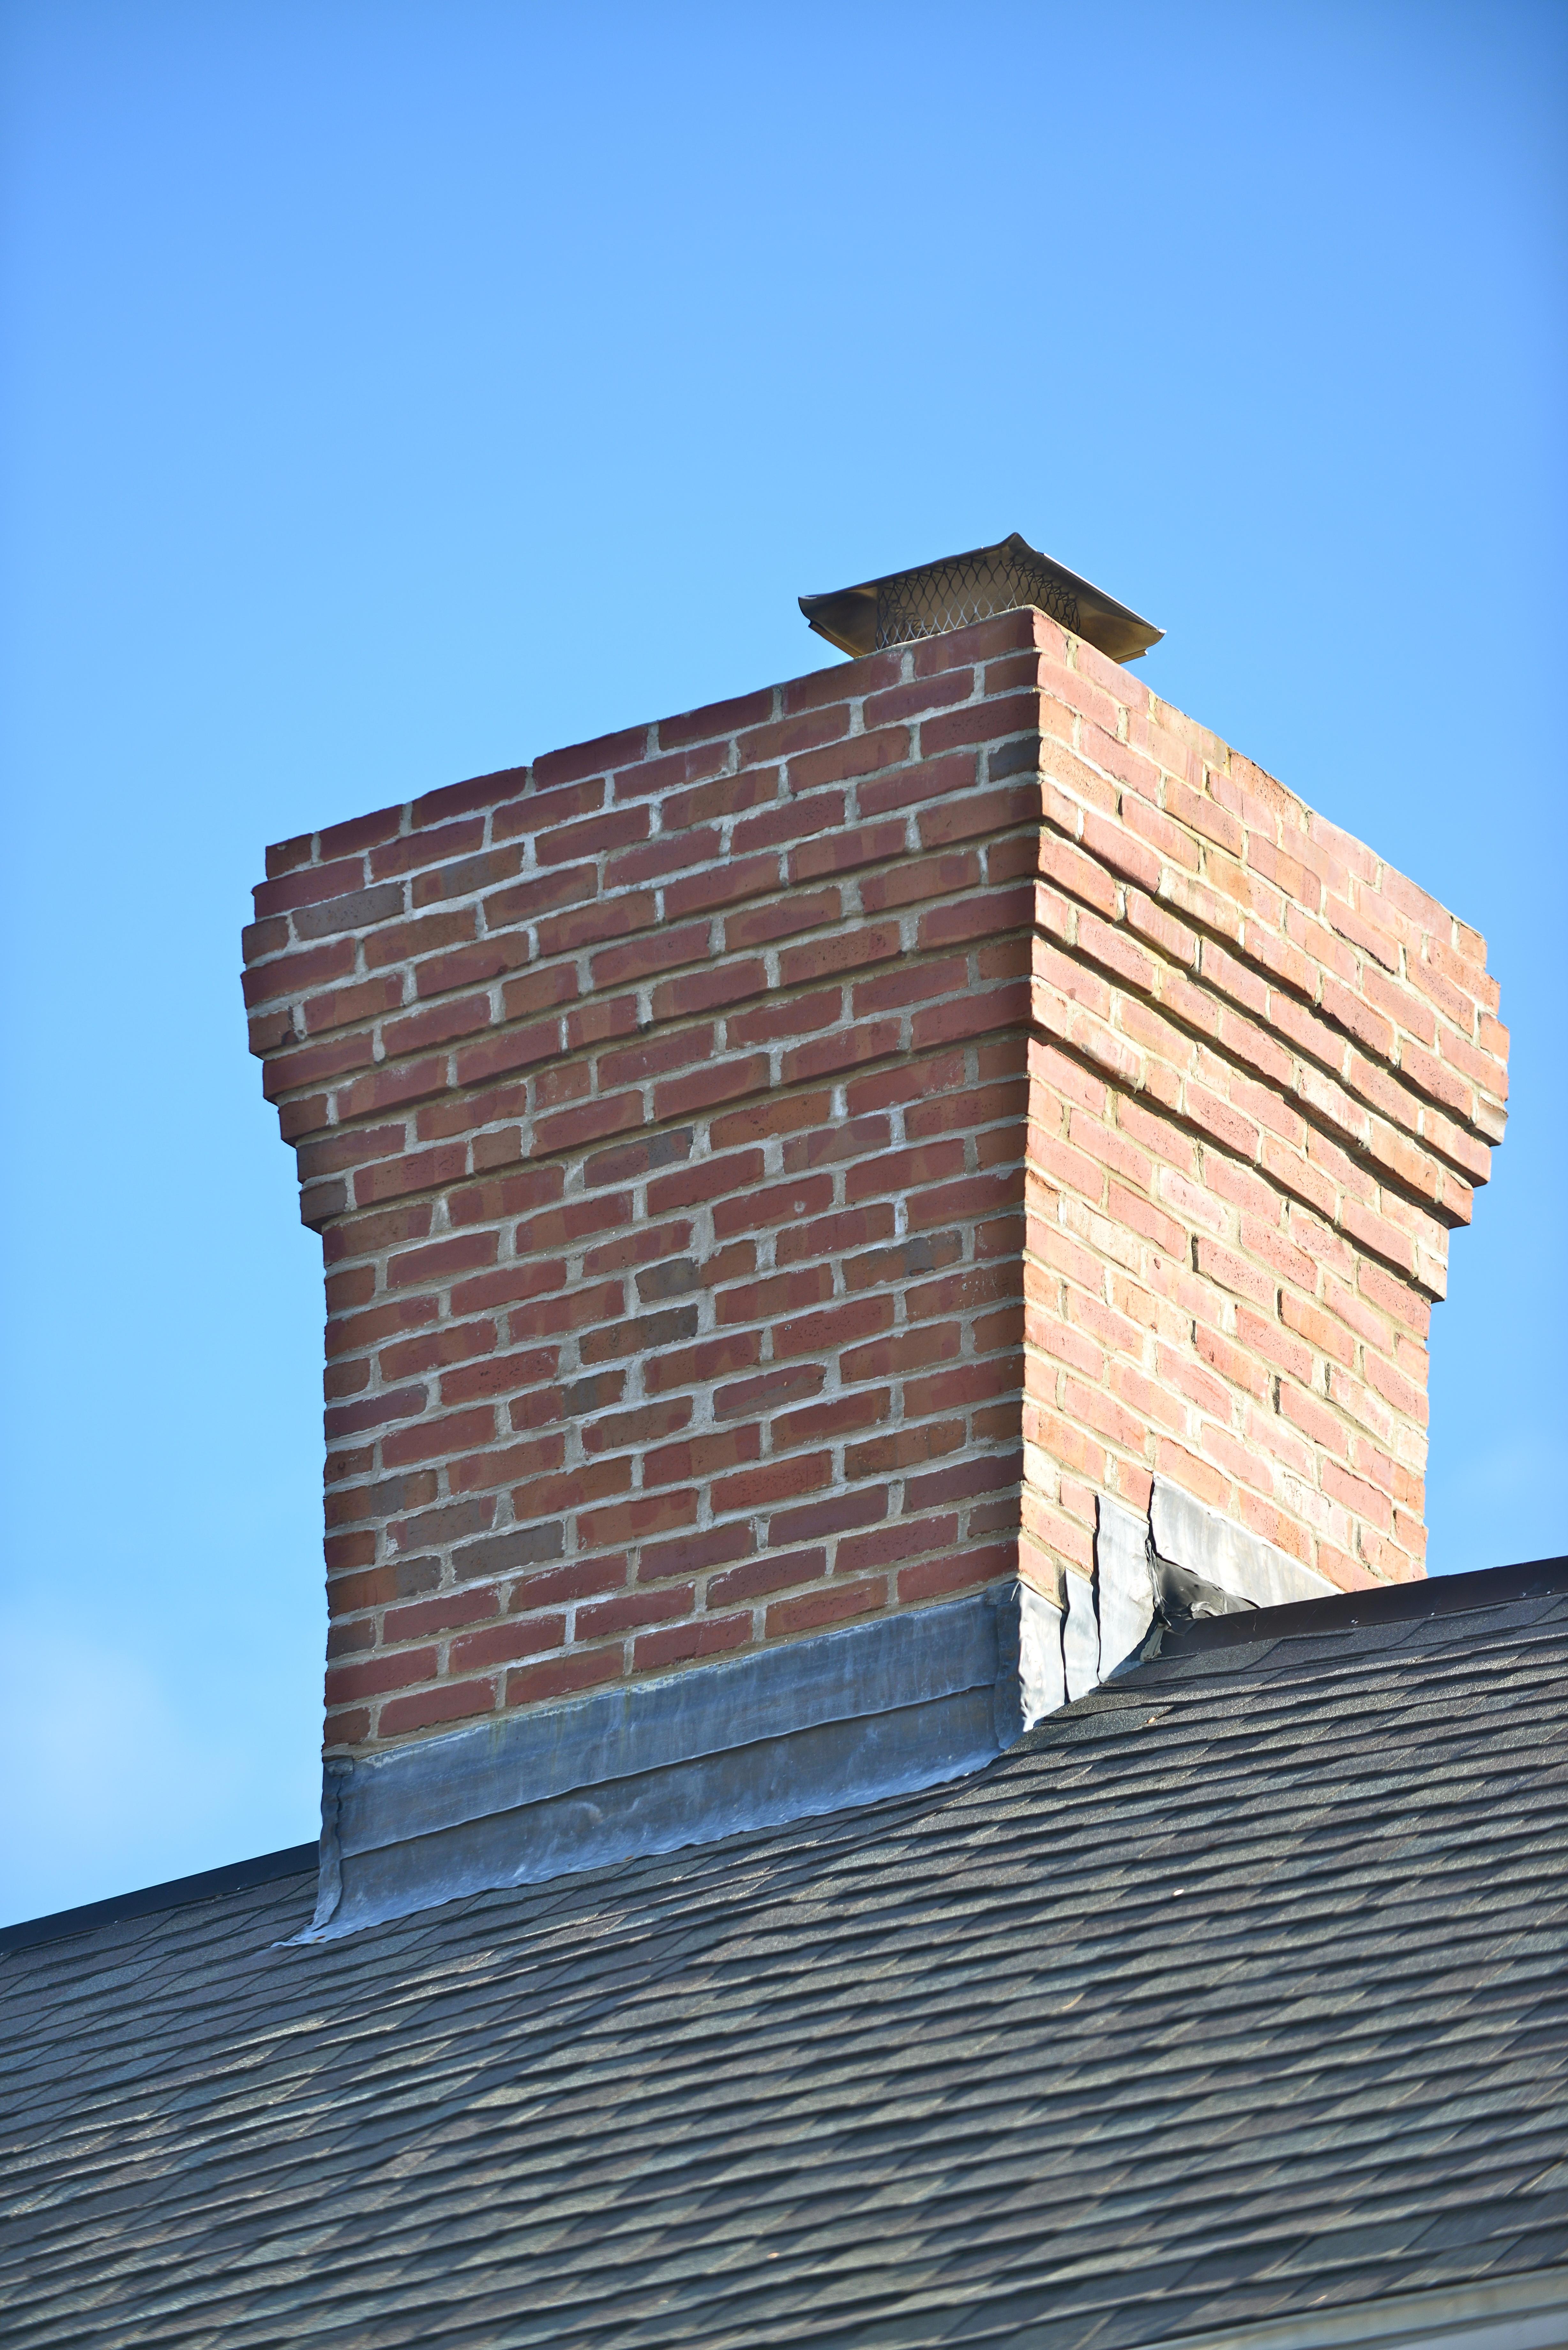 Brick Chimney Caps For Chimneys : Chimneys marblehead masonry